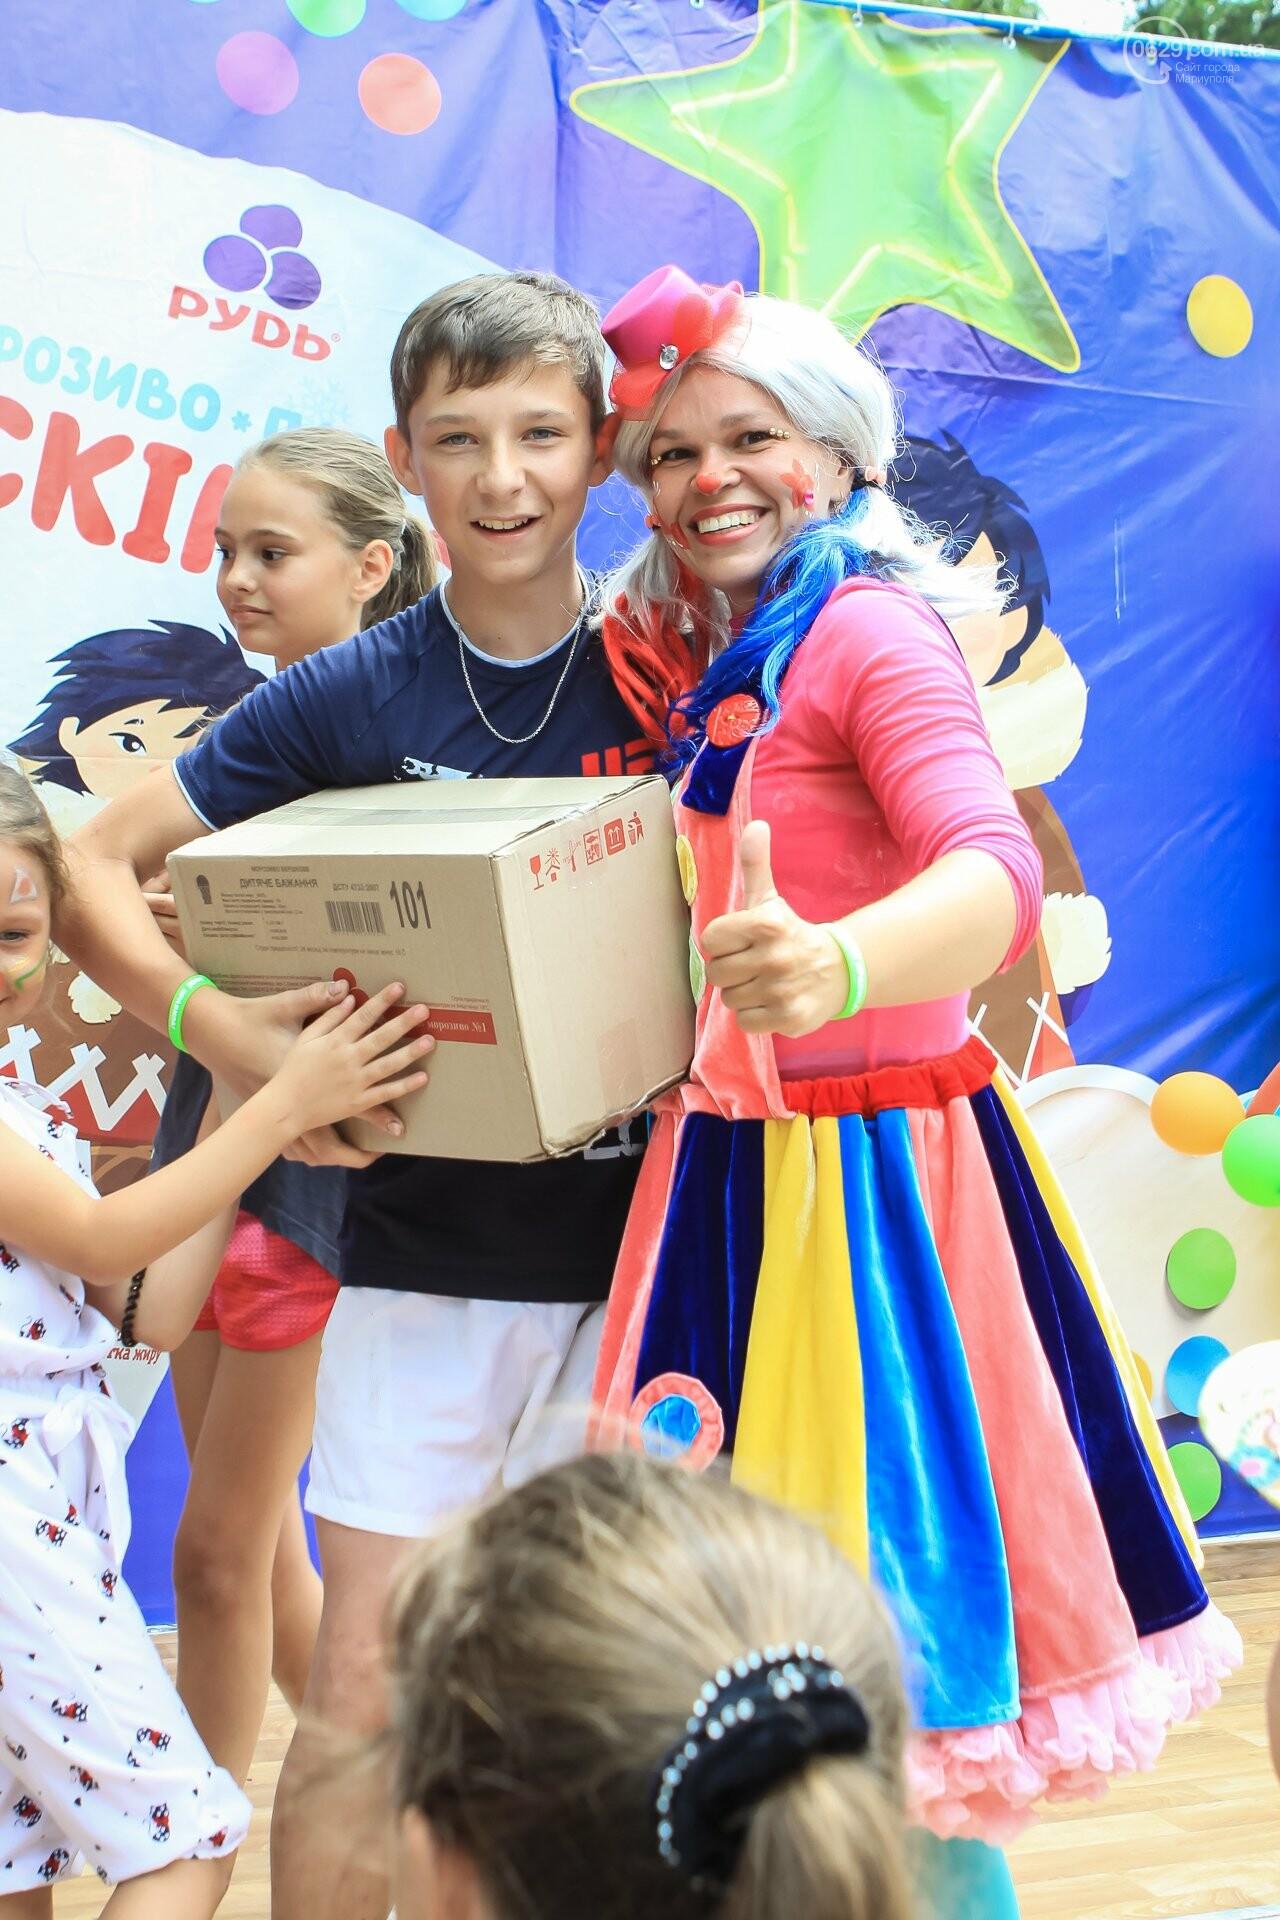 Мариупольцы получили 100% ярких впечатлений на Празднике Мороженого от компании «РУДЬ», фото-16